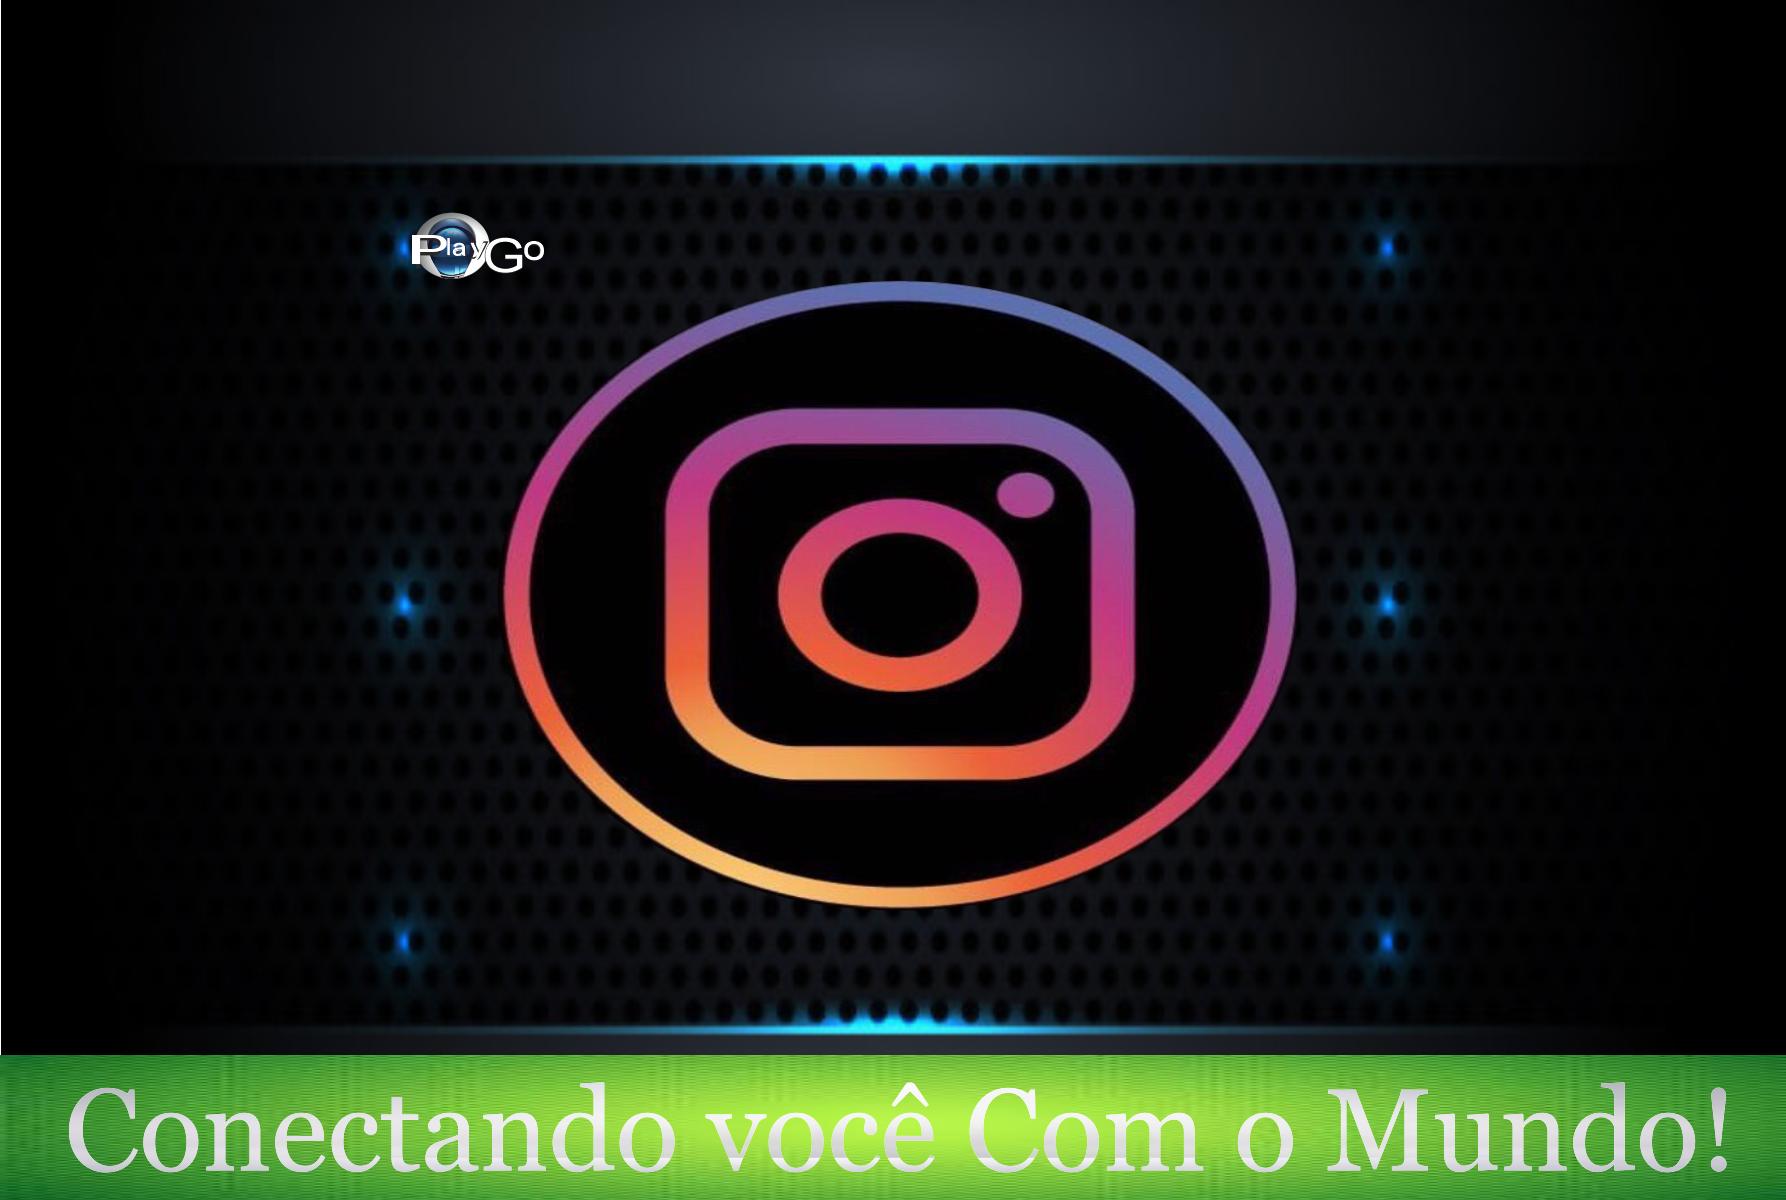 icons-social__item icons-social__item--instagram